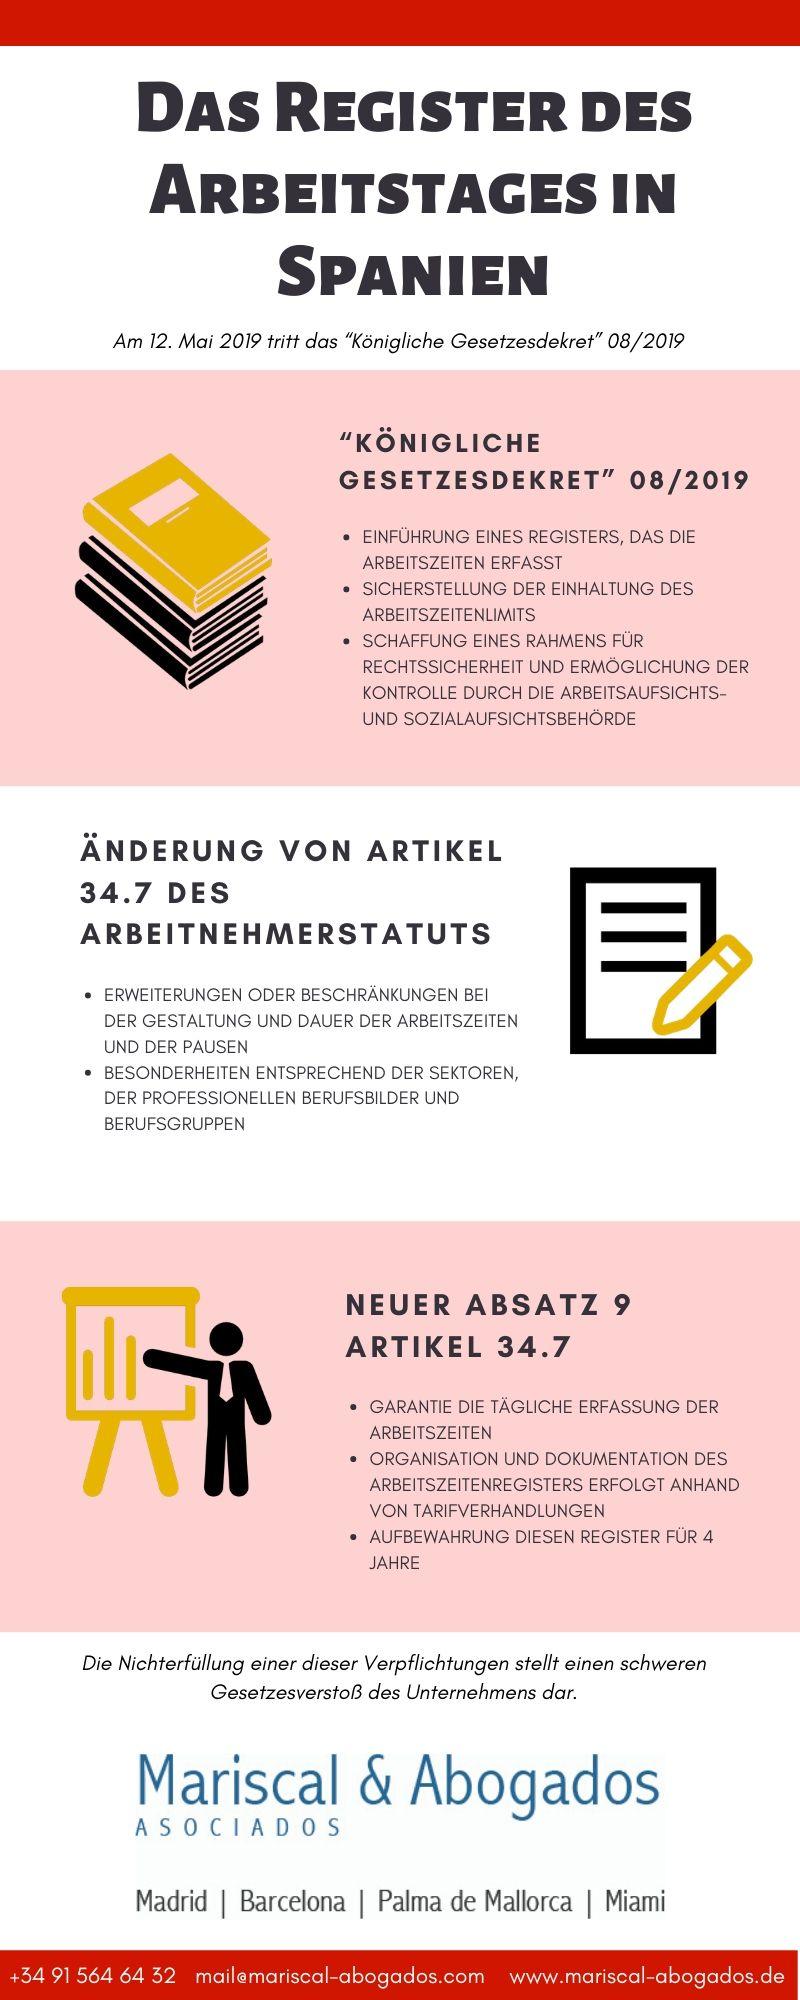 Desayuno 27_3 - Das Regsiter des Arbeitstages in Spanien (diapositiva 40 y artículo 23 2019)